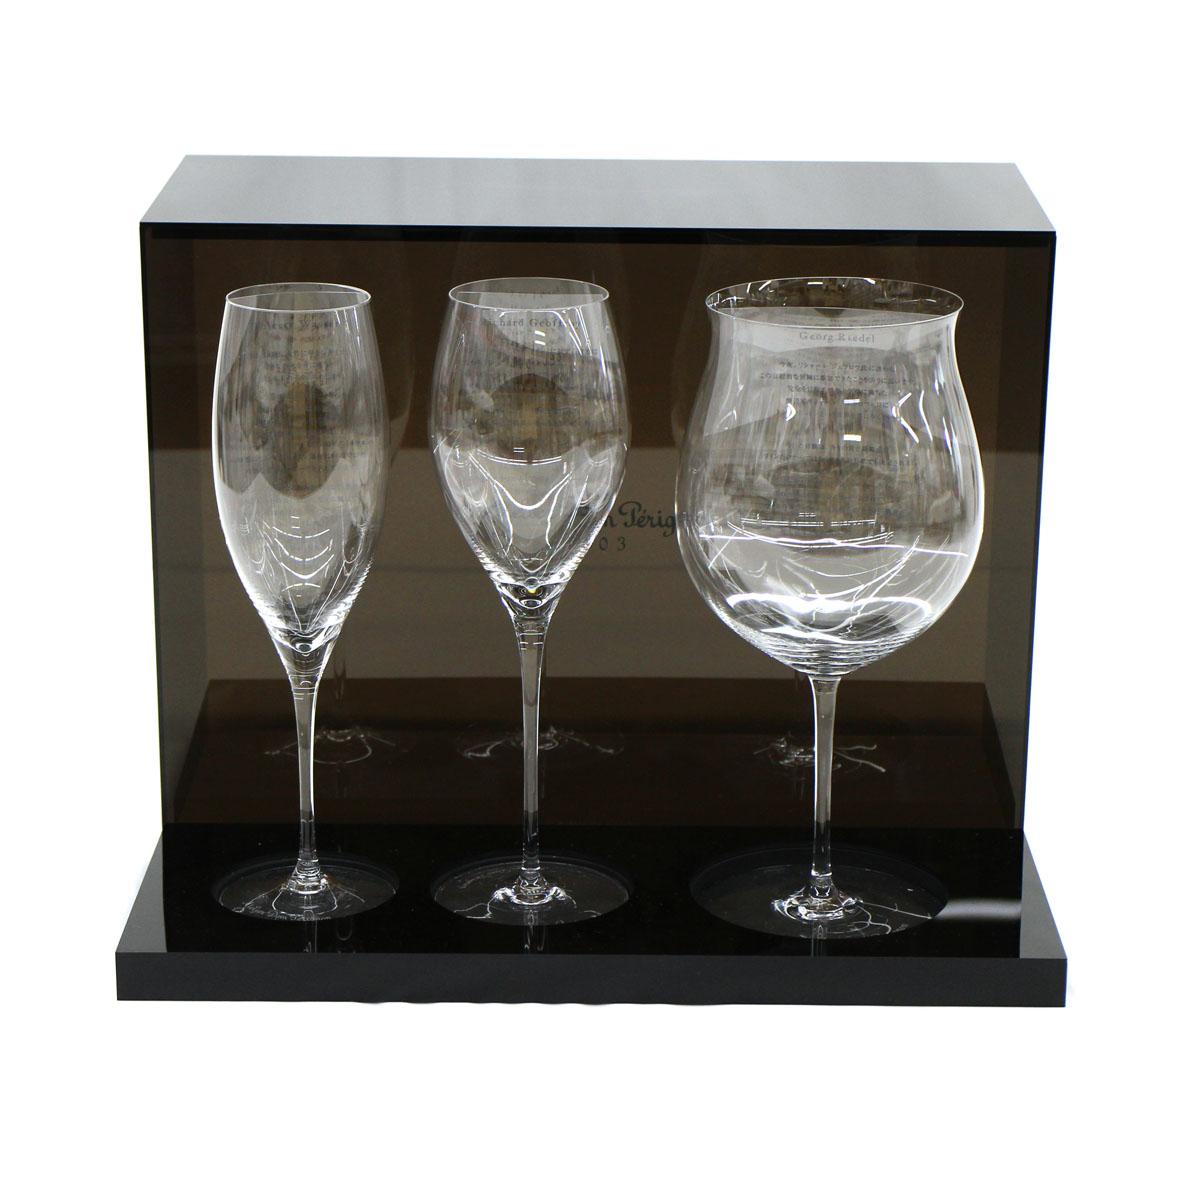 【中古】◆美品RIEDEL リーデル グラス ソムリエ Dom P?rignon ドンペリ 2003年 3客セット シャンパン ワイングラス